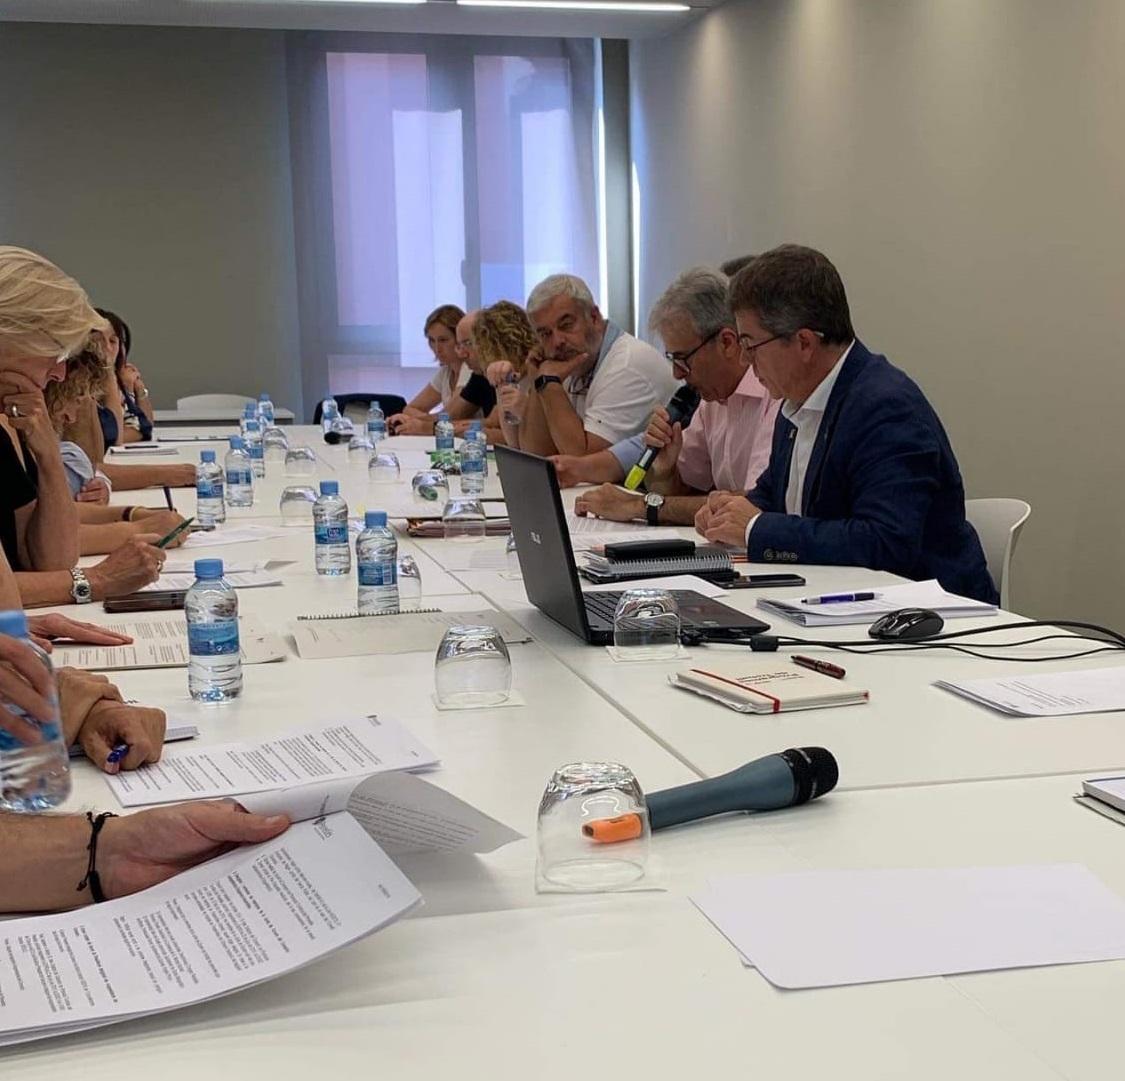 La regidora de Turisme ha estat nomenada vicepresidenta 3a del Consorci de Promoció Turística del Penedès